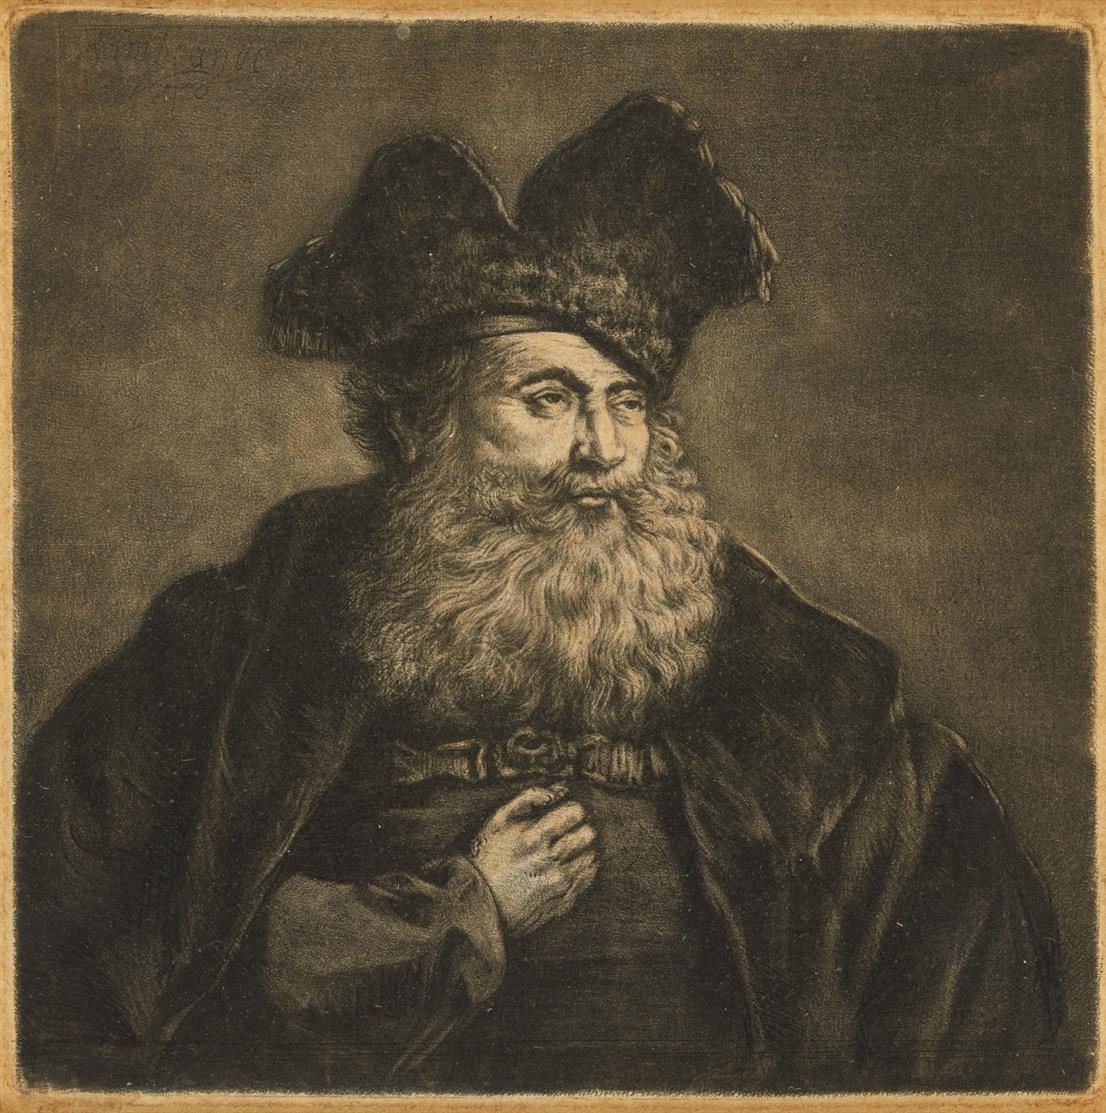 Rembrandt. Alter Mann mit gespaltener Pelzmütze. Radierung mit Überarbeitungen in Mezzotinto, evtl. von Pieter Louw. New Hollstein 182 II (von II).